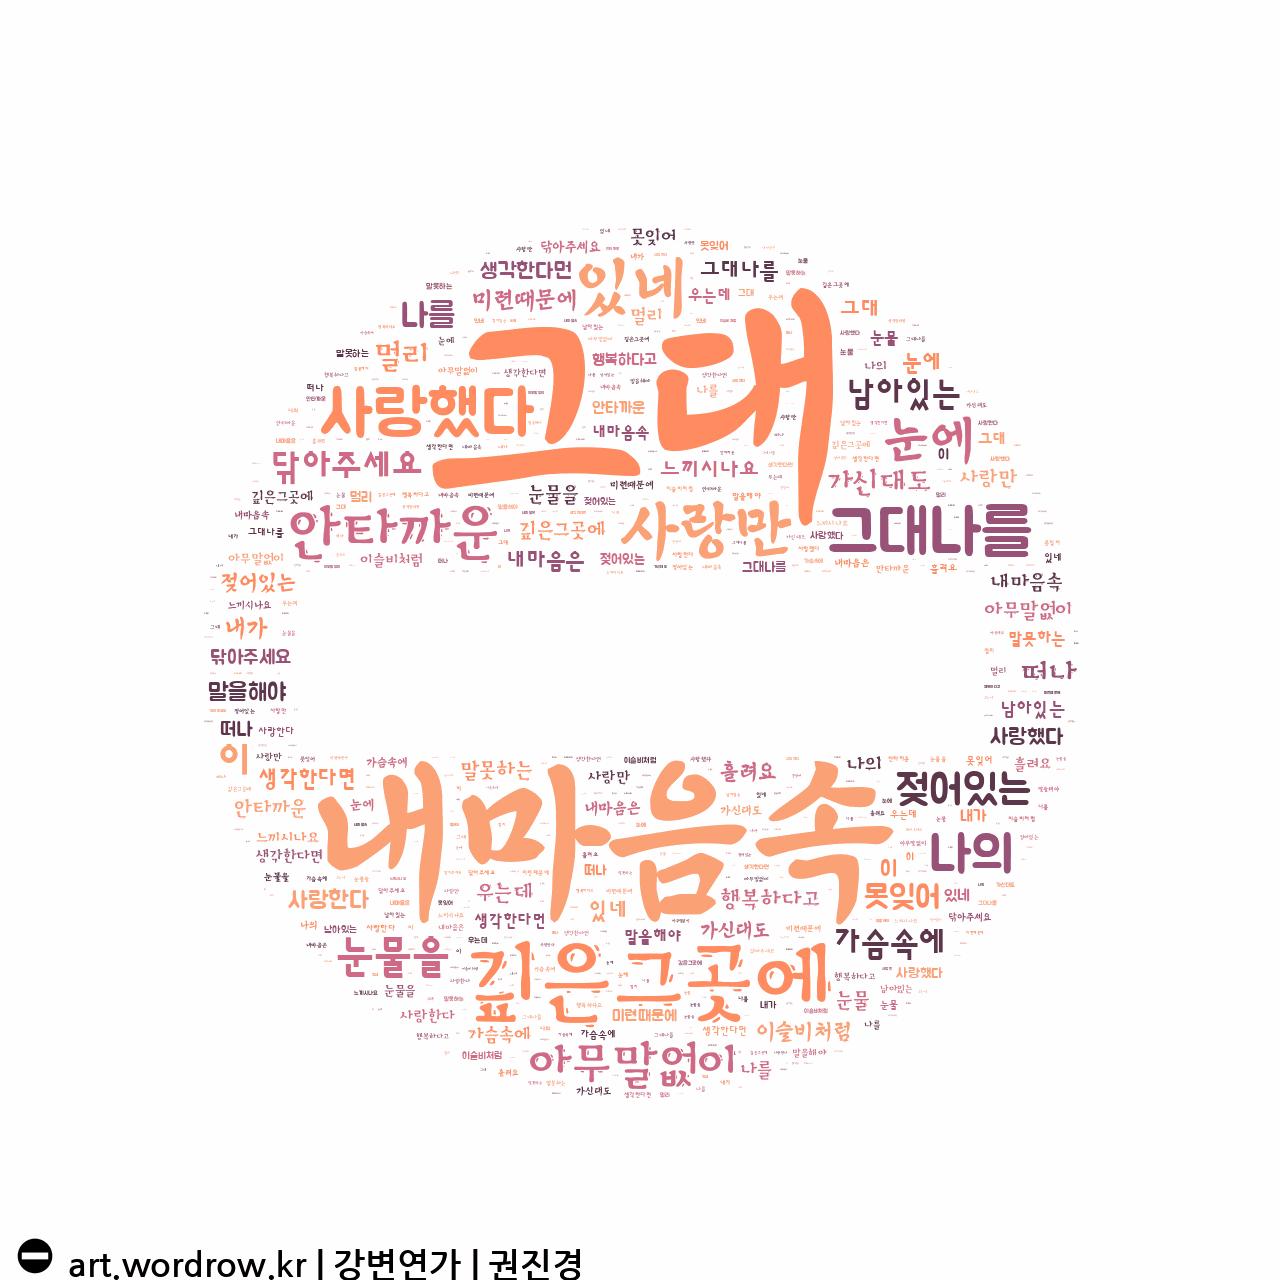 워드 클라우드: 강변연가 [권진경]-39